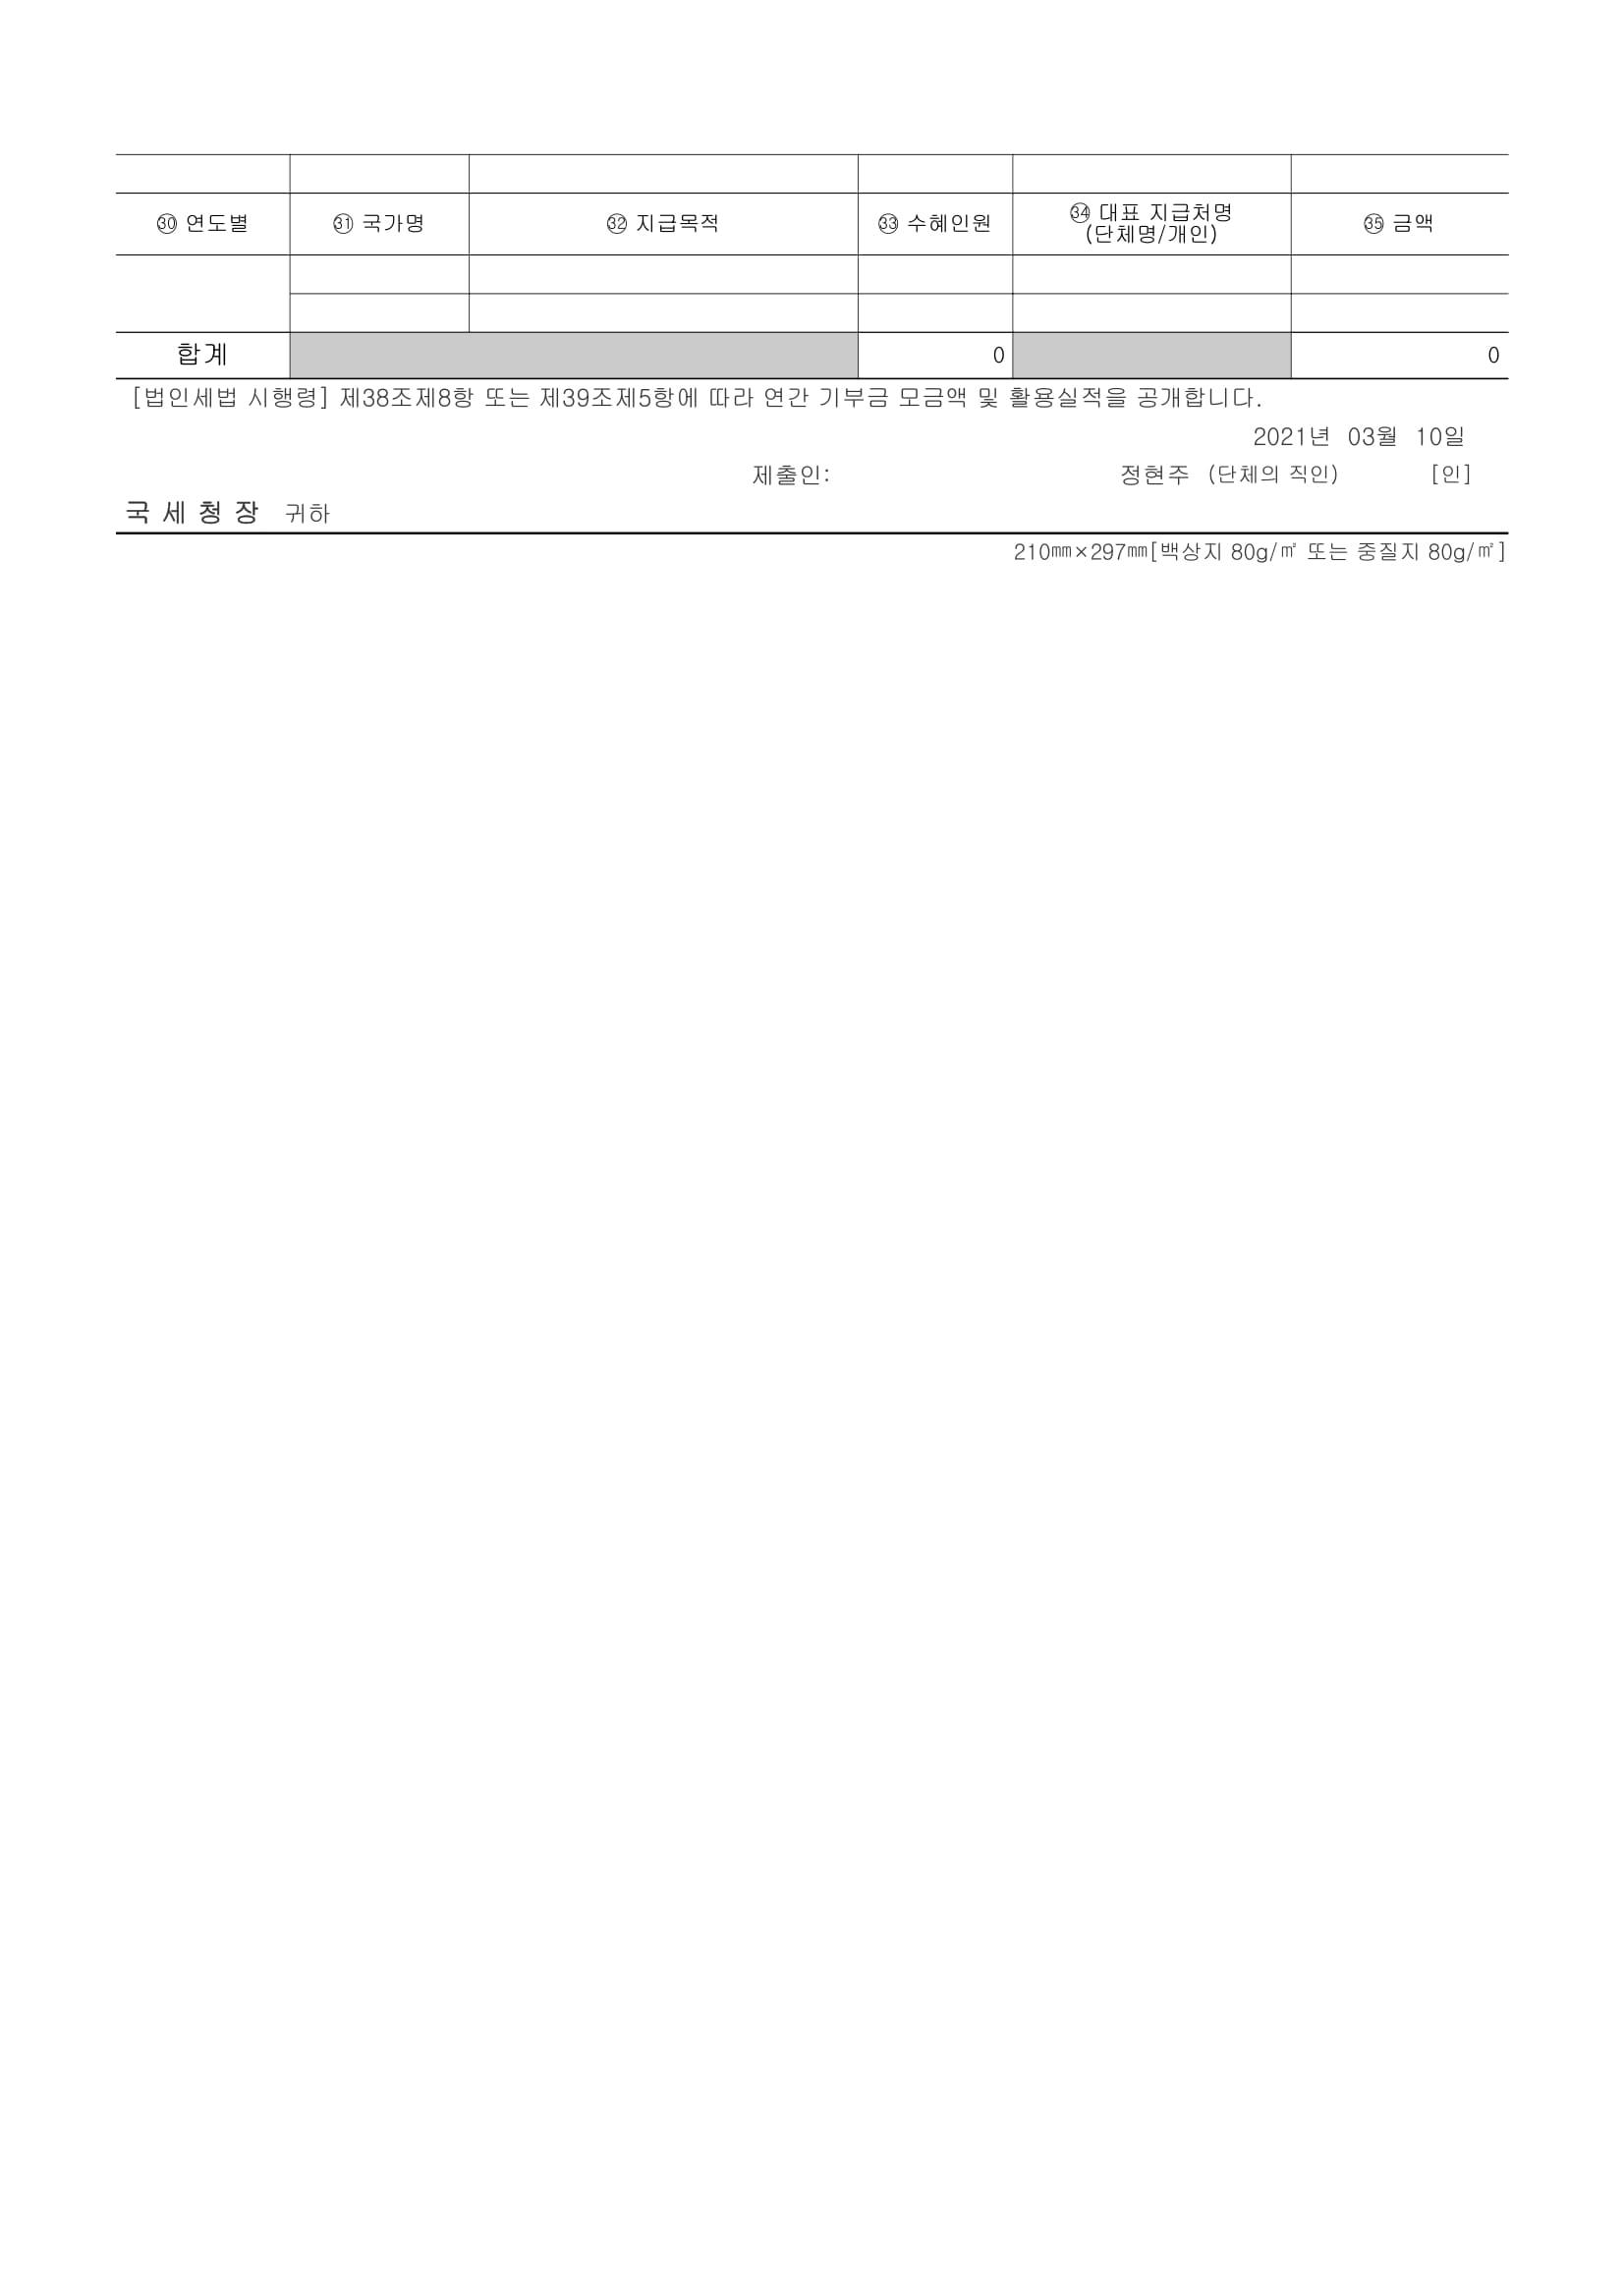 2020 기부금모금액 및 활용실적명세-2.jpg